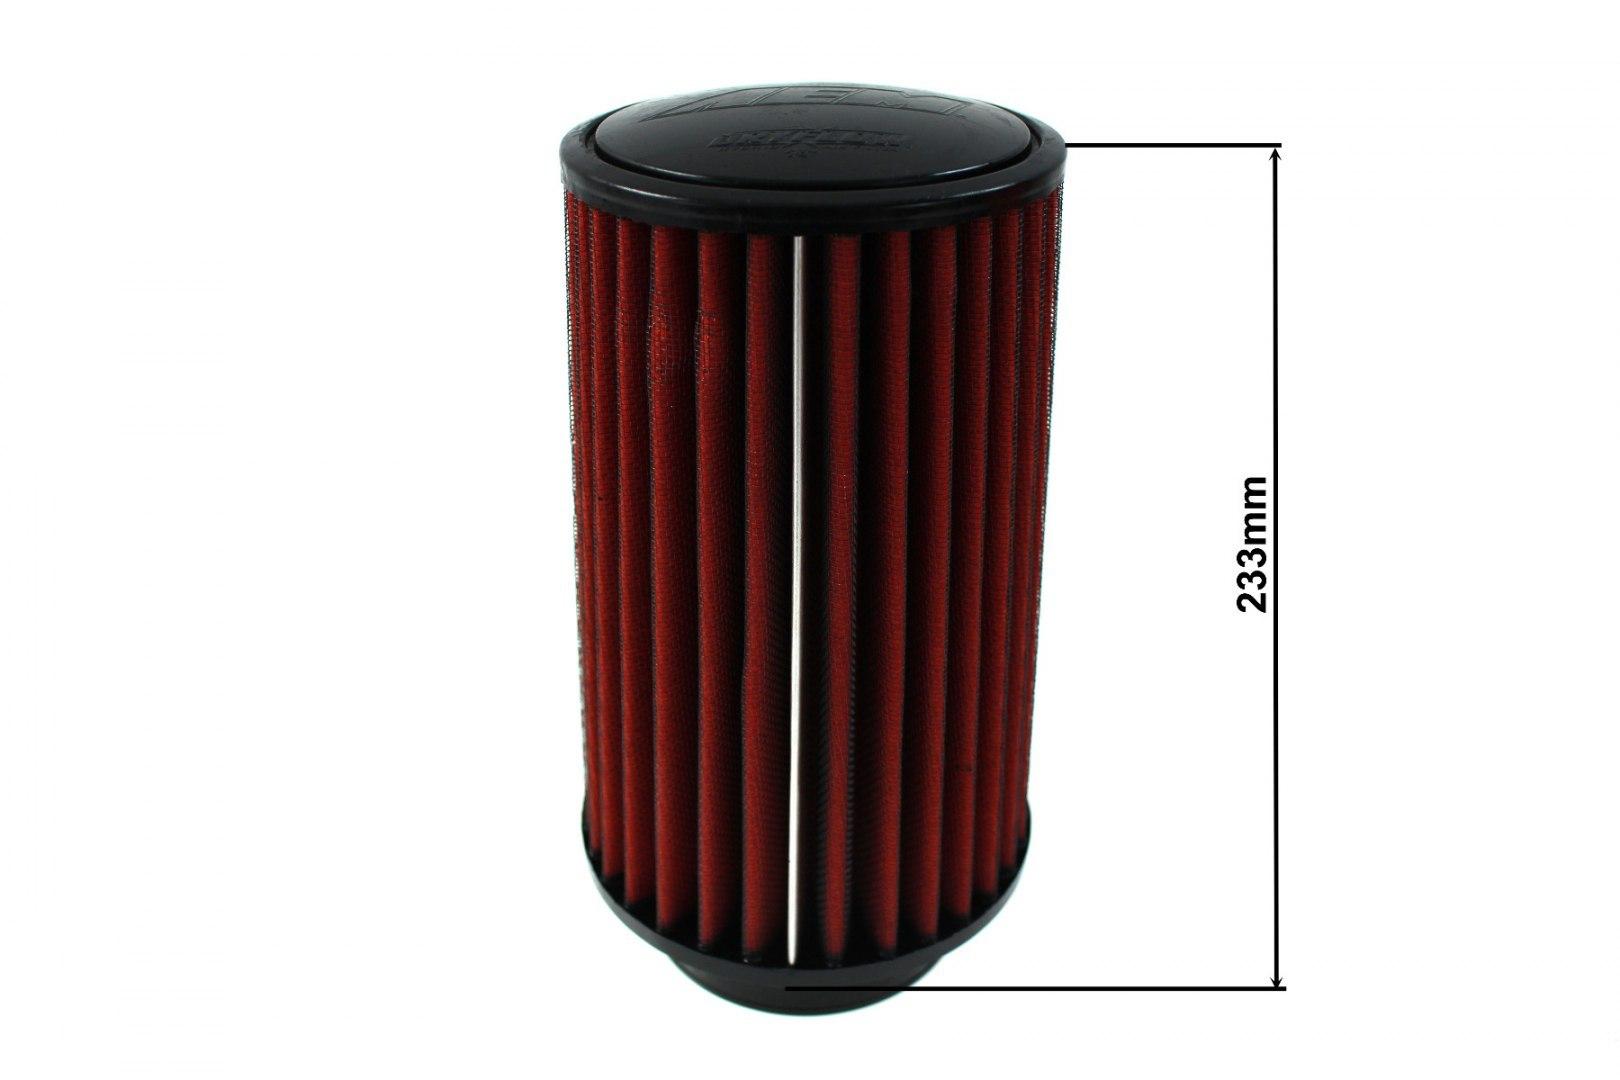 Filtr stożkowy AEM 21-2059DK 102MM - GRUBYGARAGE - Sklep Tuningowy